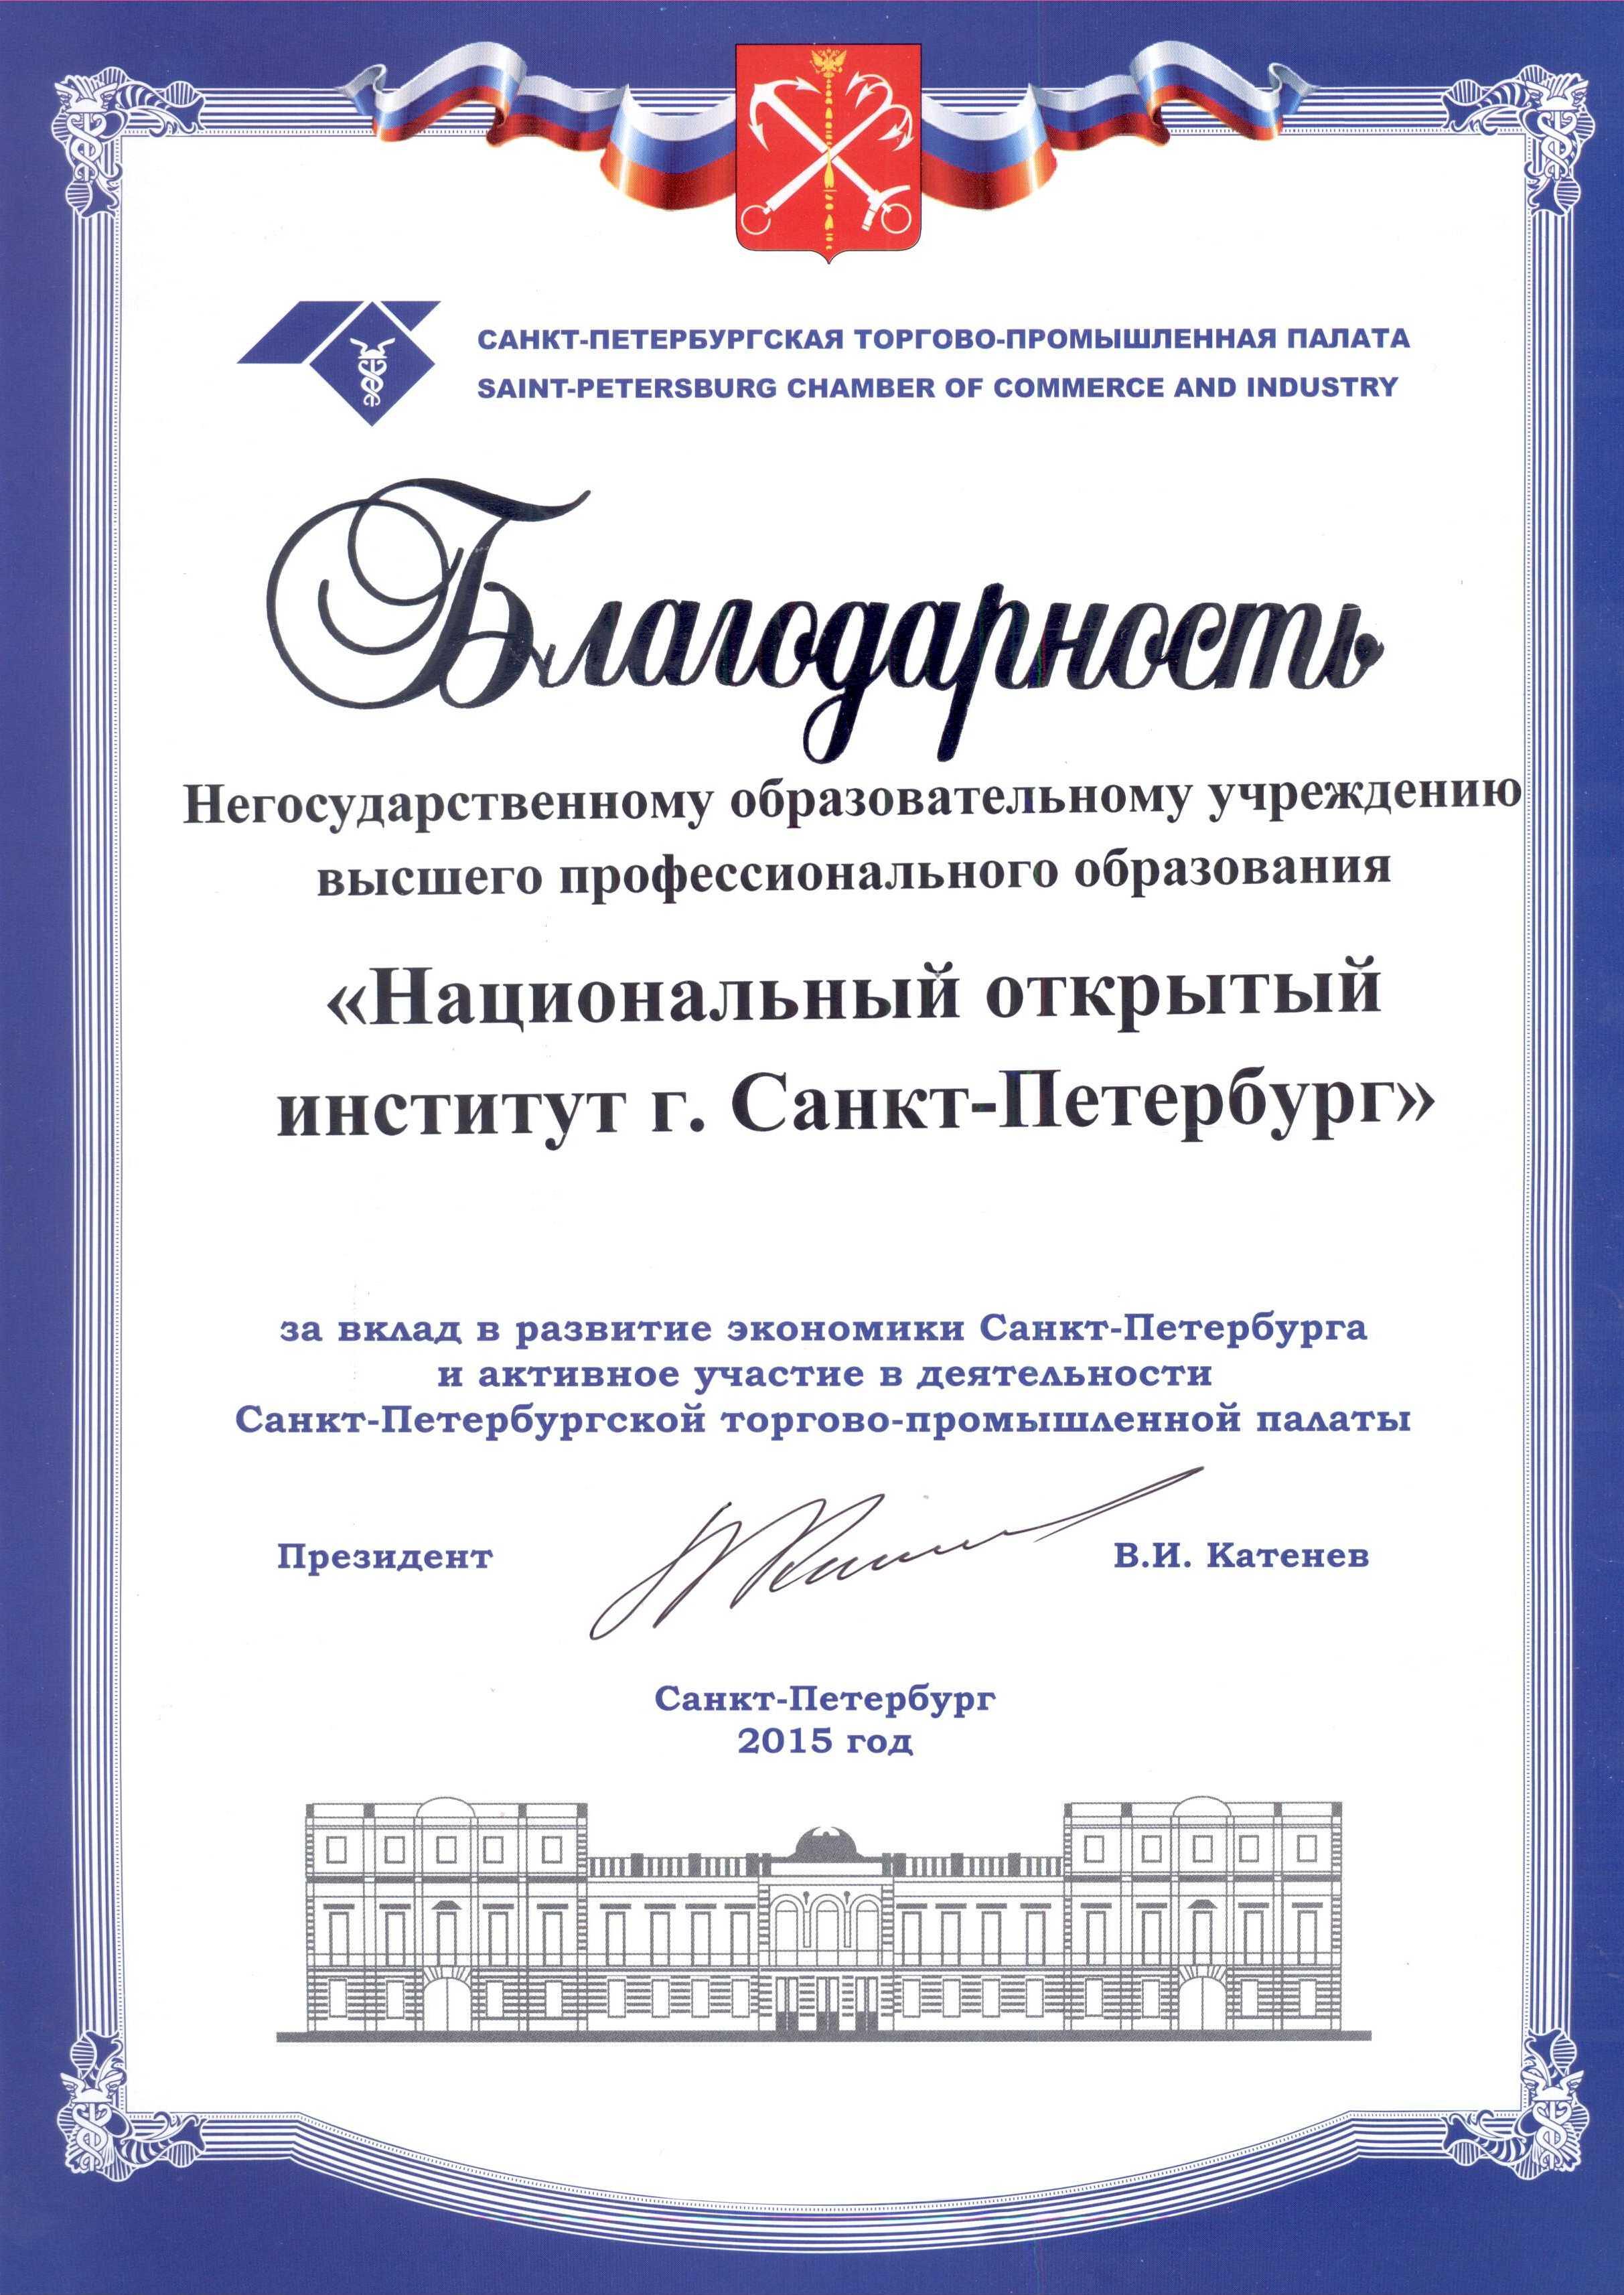 Грамоты и дипломы Национальный открытый институт г Санкт Петербург